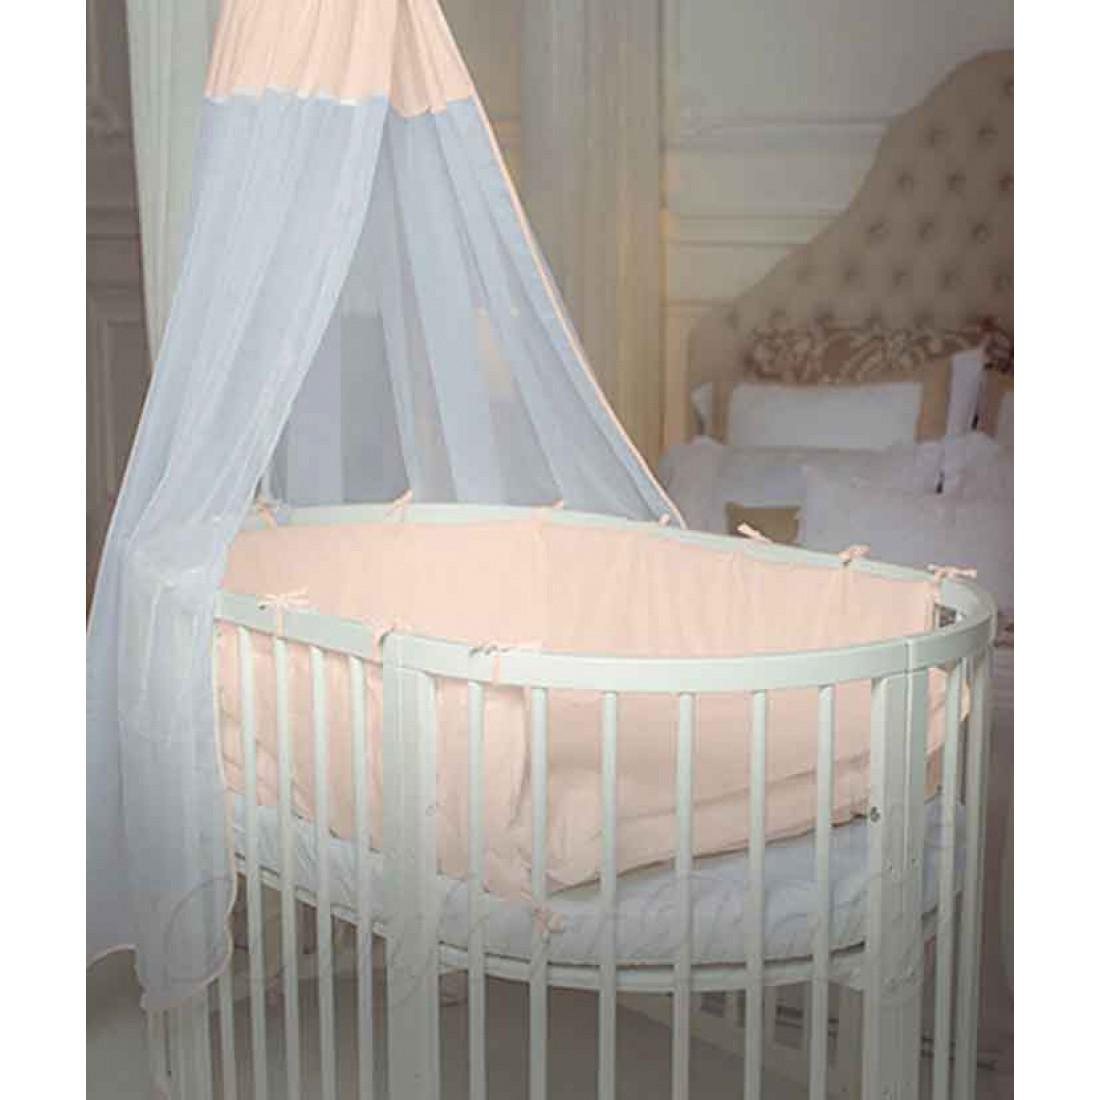 comfortbaby-babybetten-7-in-1-beige-pfirsisch_00082025-18w_4